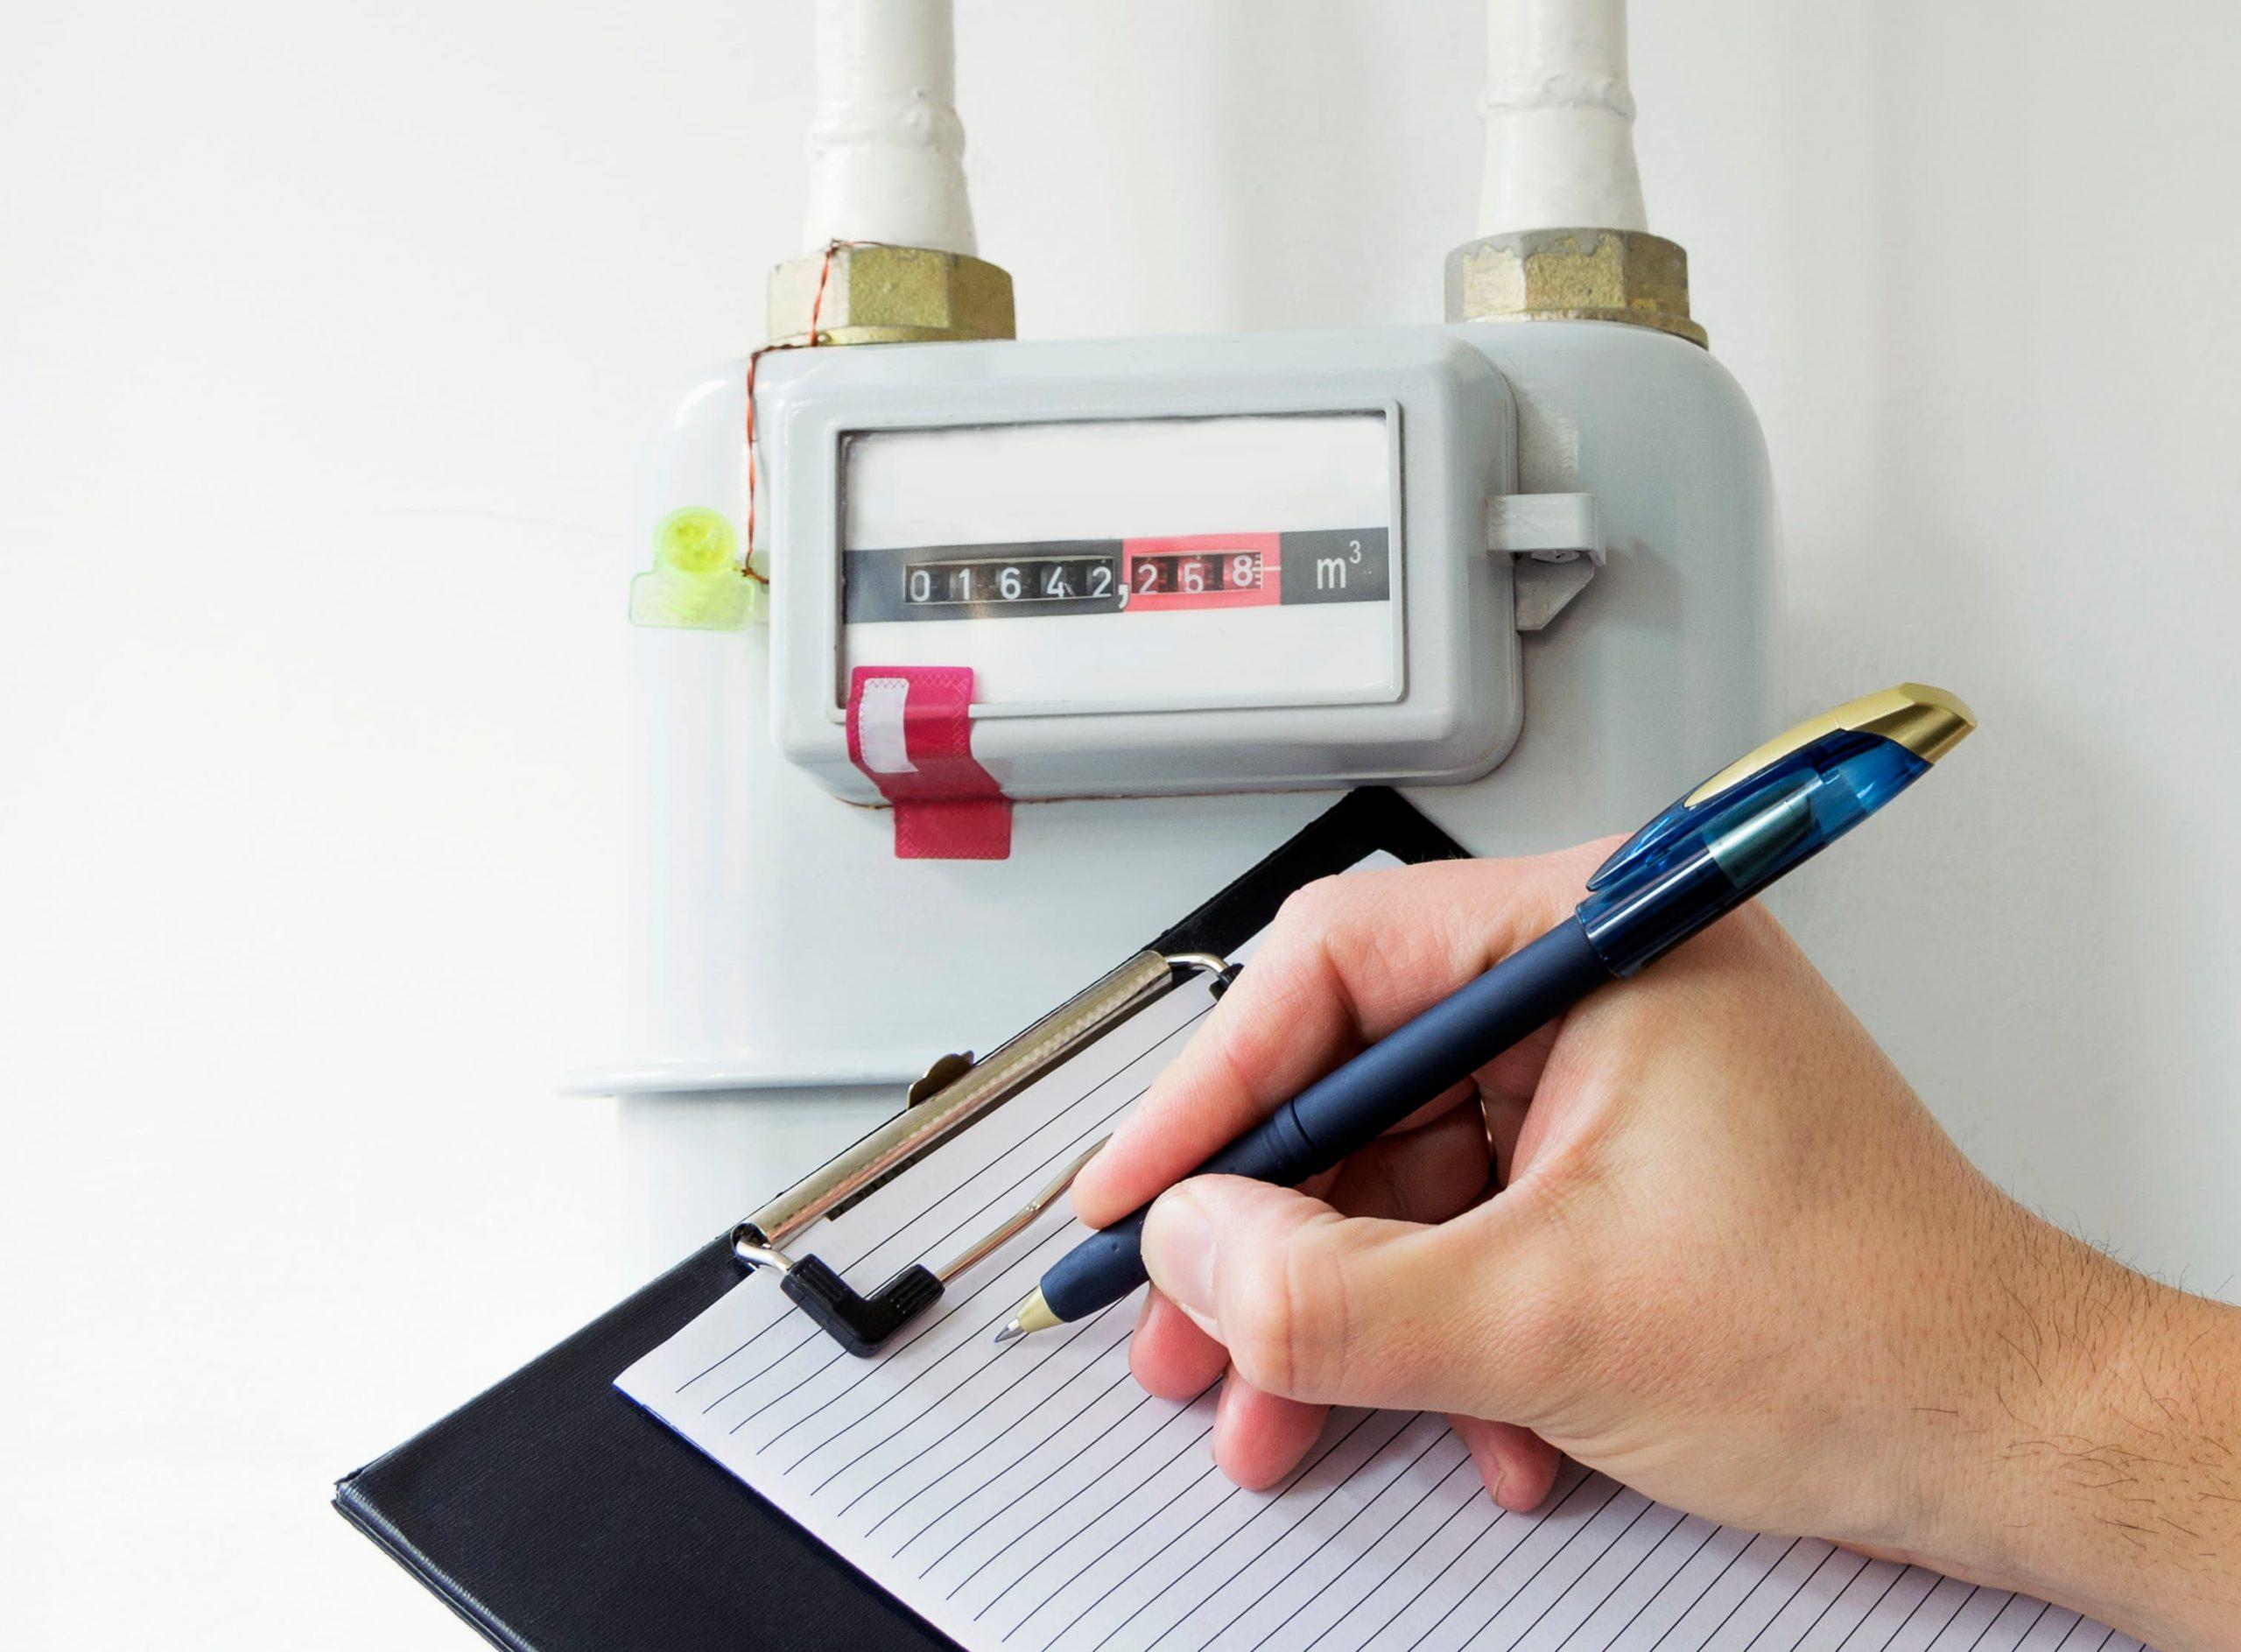 ABenergie subentro: procedura, tempi e costi